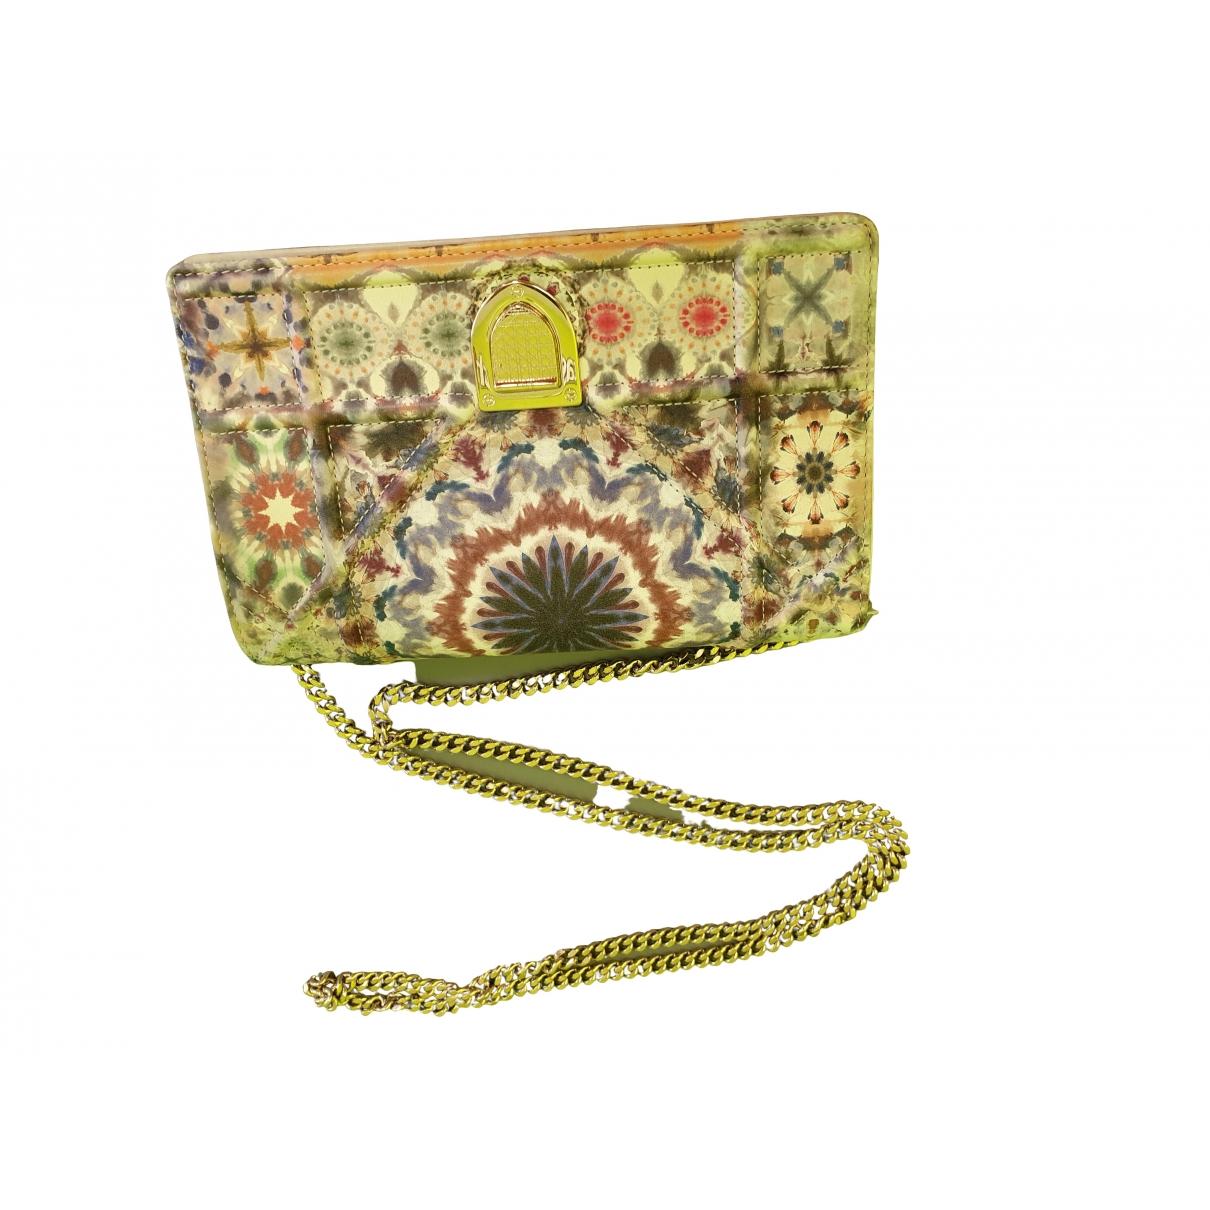 Dior Diorama Handtasche in Leder